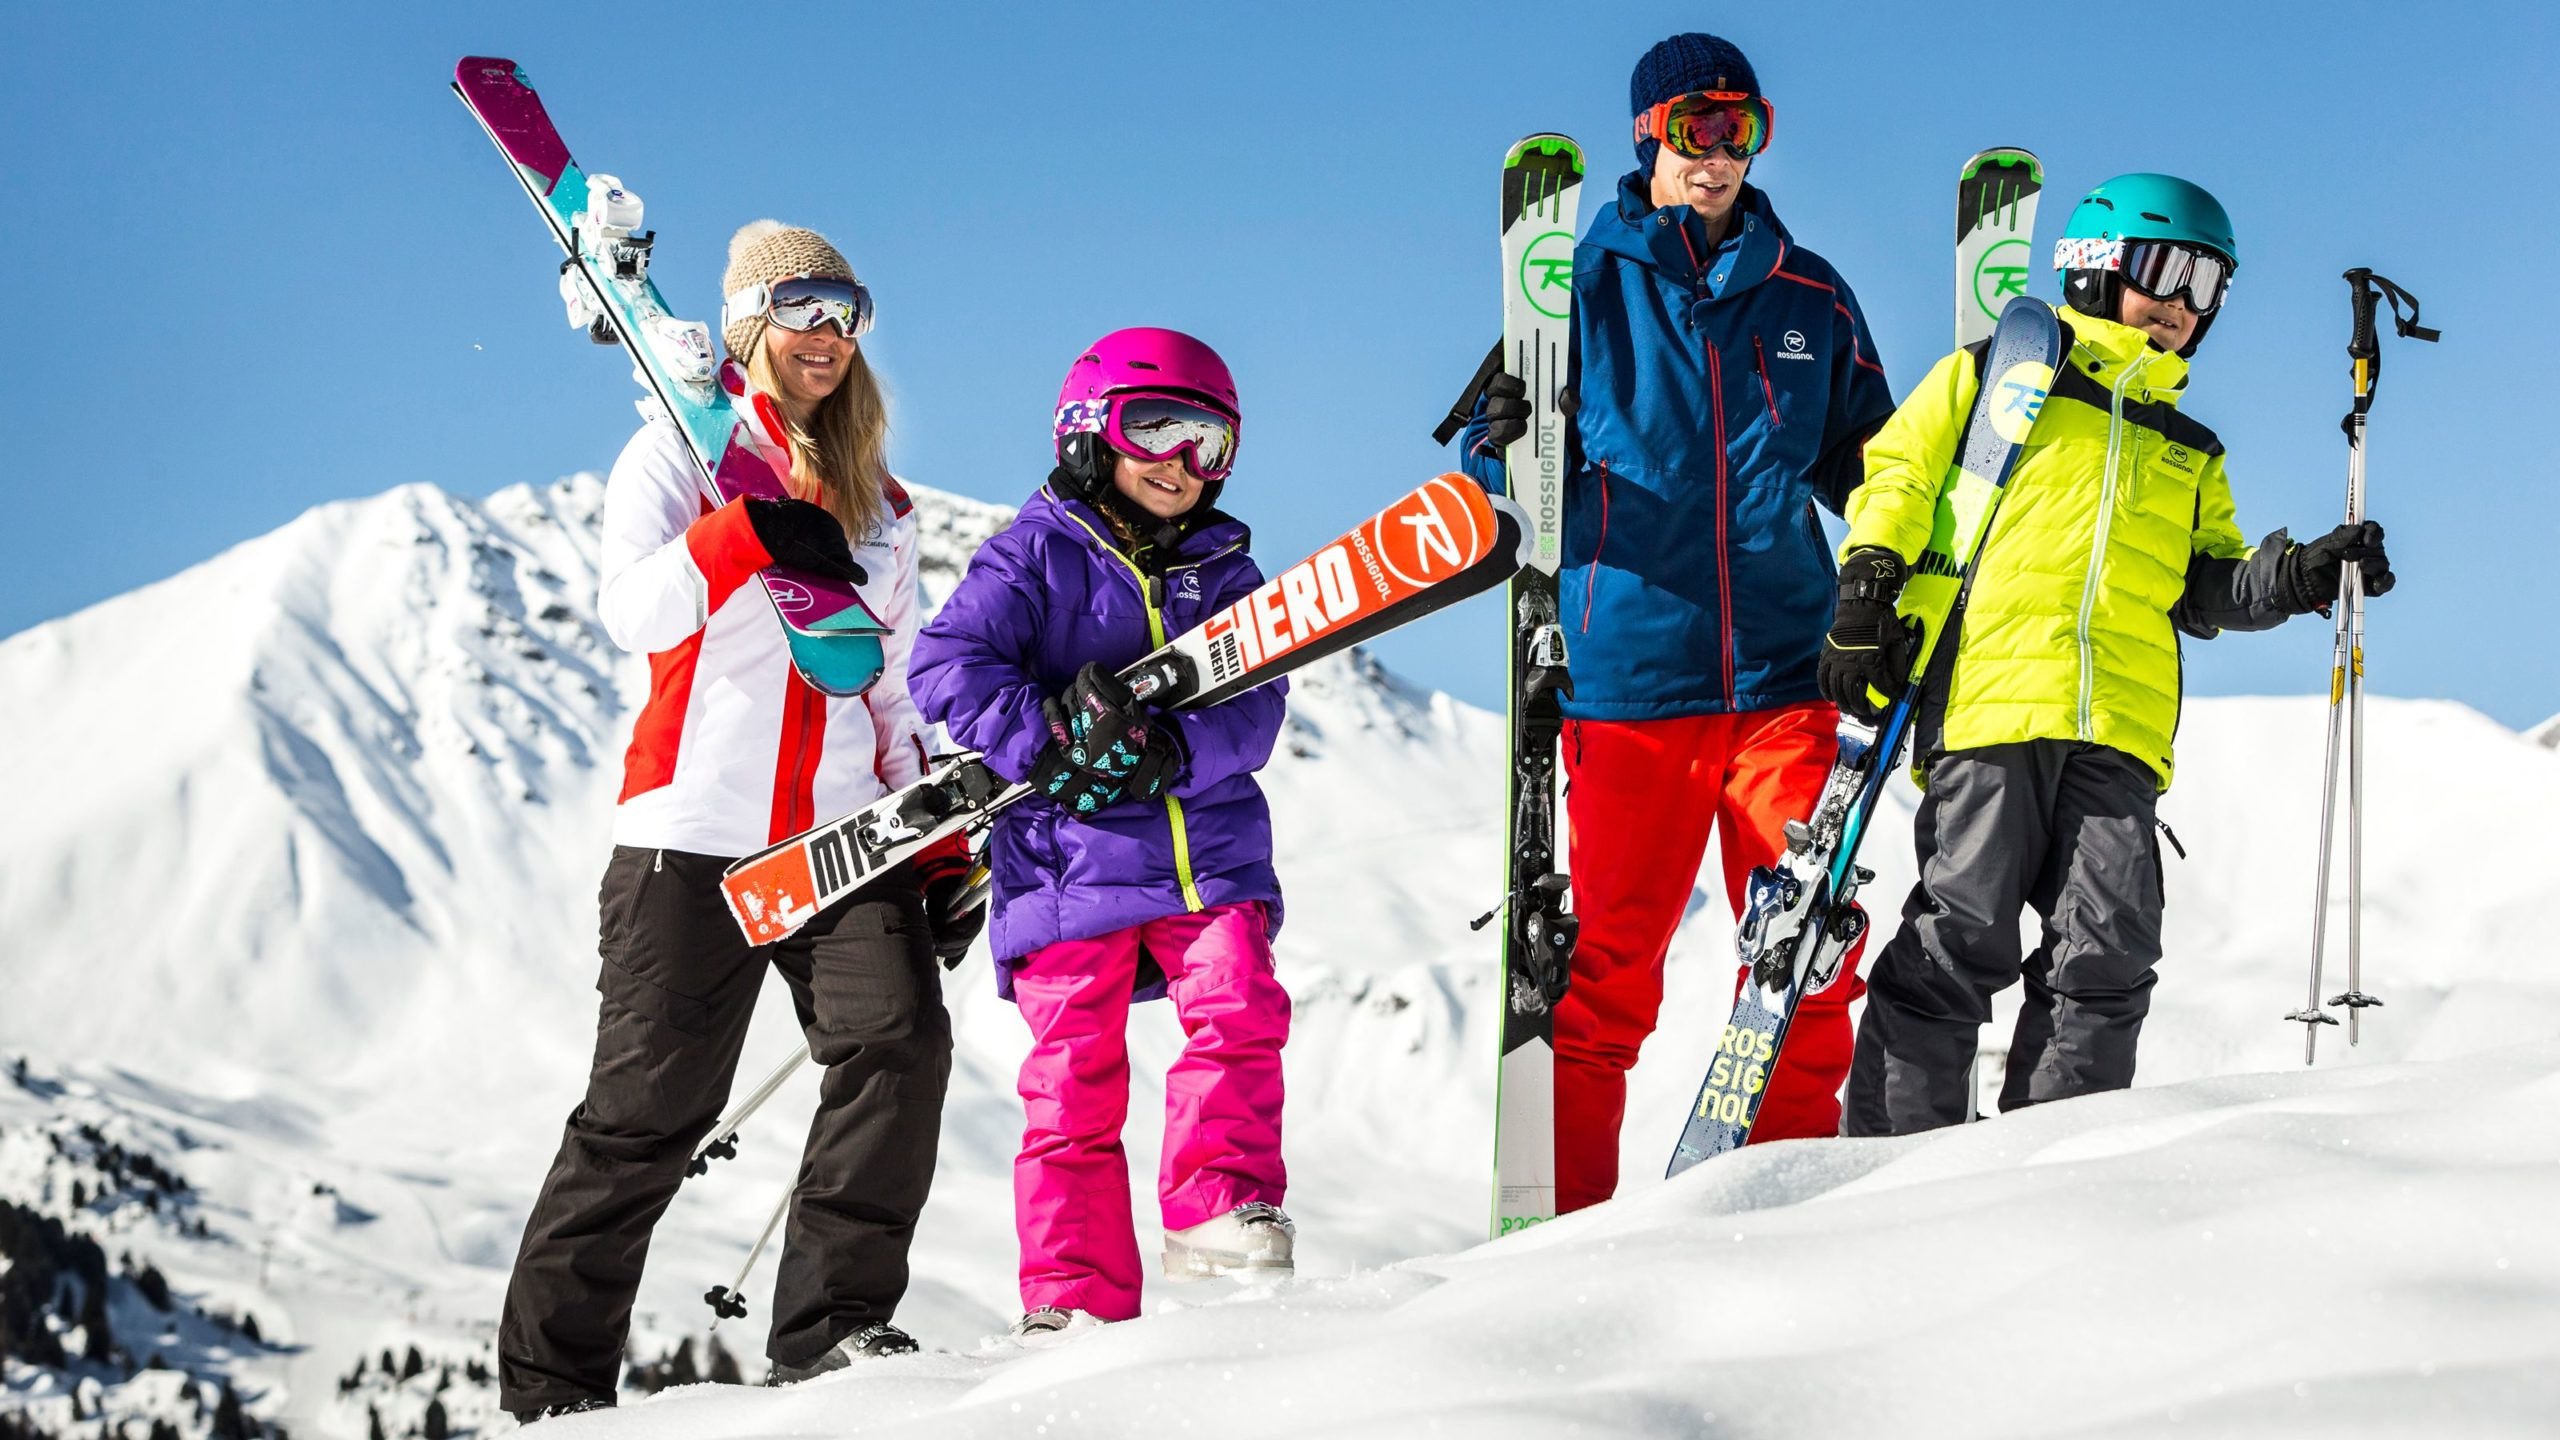 Как одеваться для катания на горных лыжах